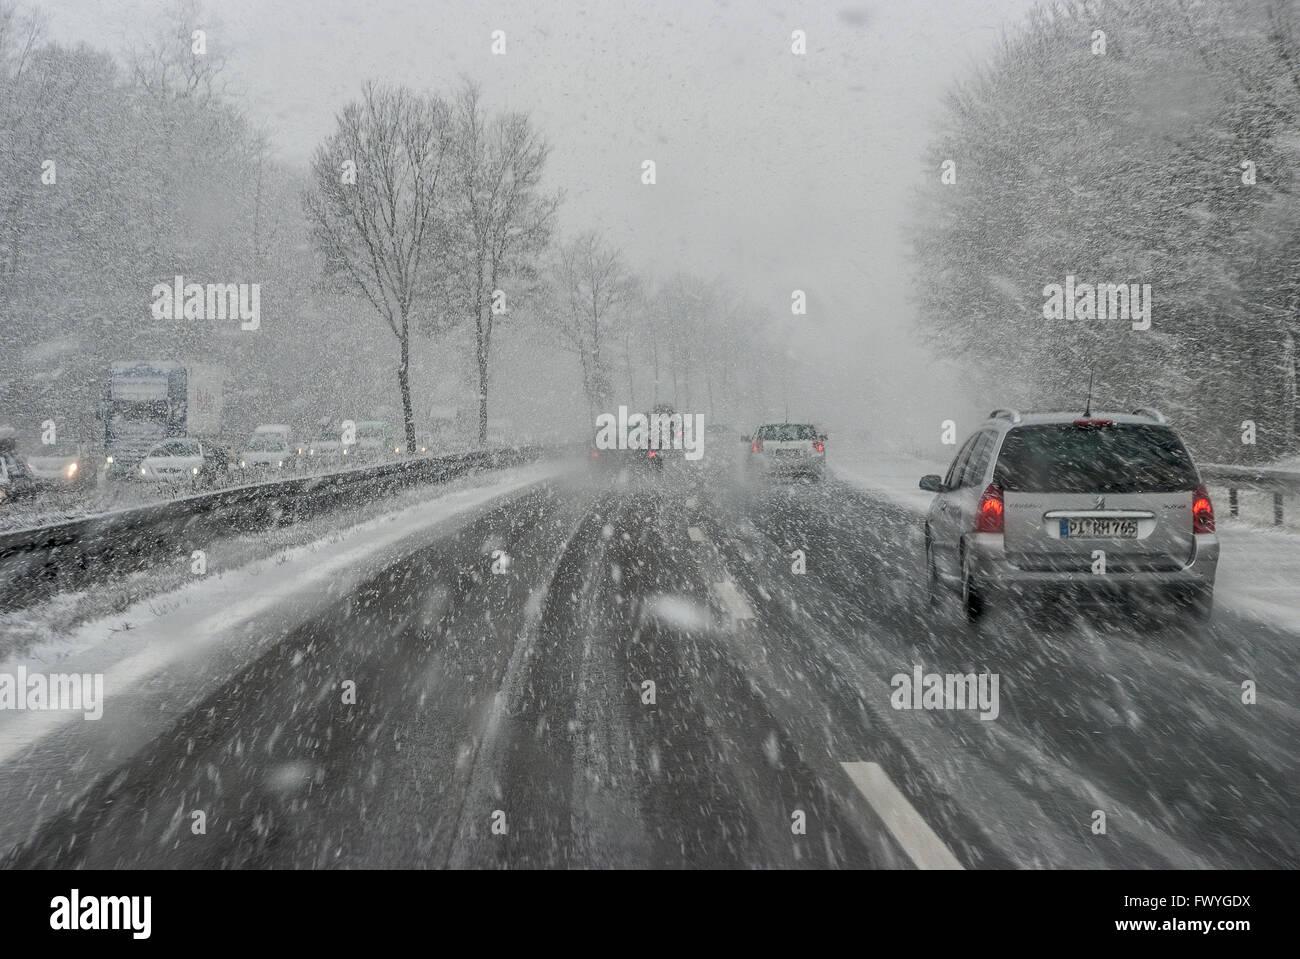 Les voitures avec des chutes de neige et de glace, de l'autoroute A7, la mauvaise visibilité, Bavière, Photo Stock